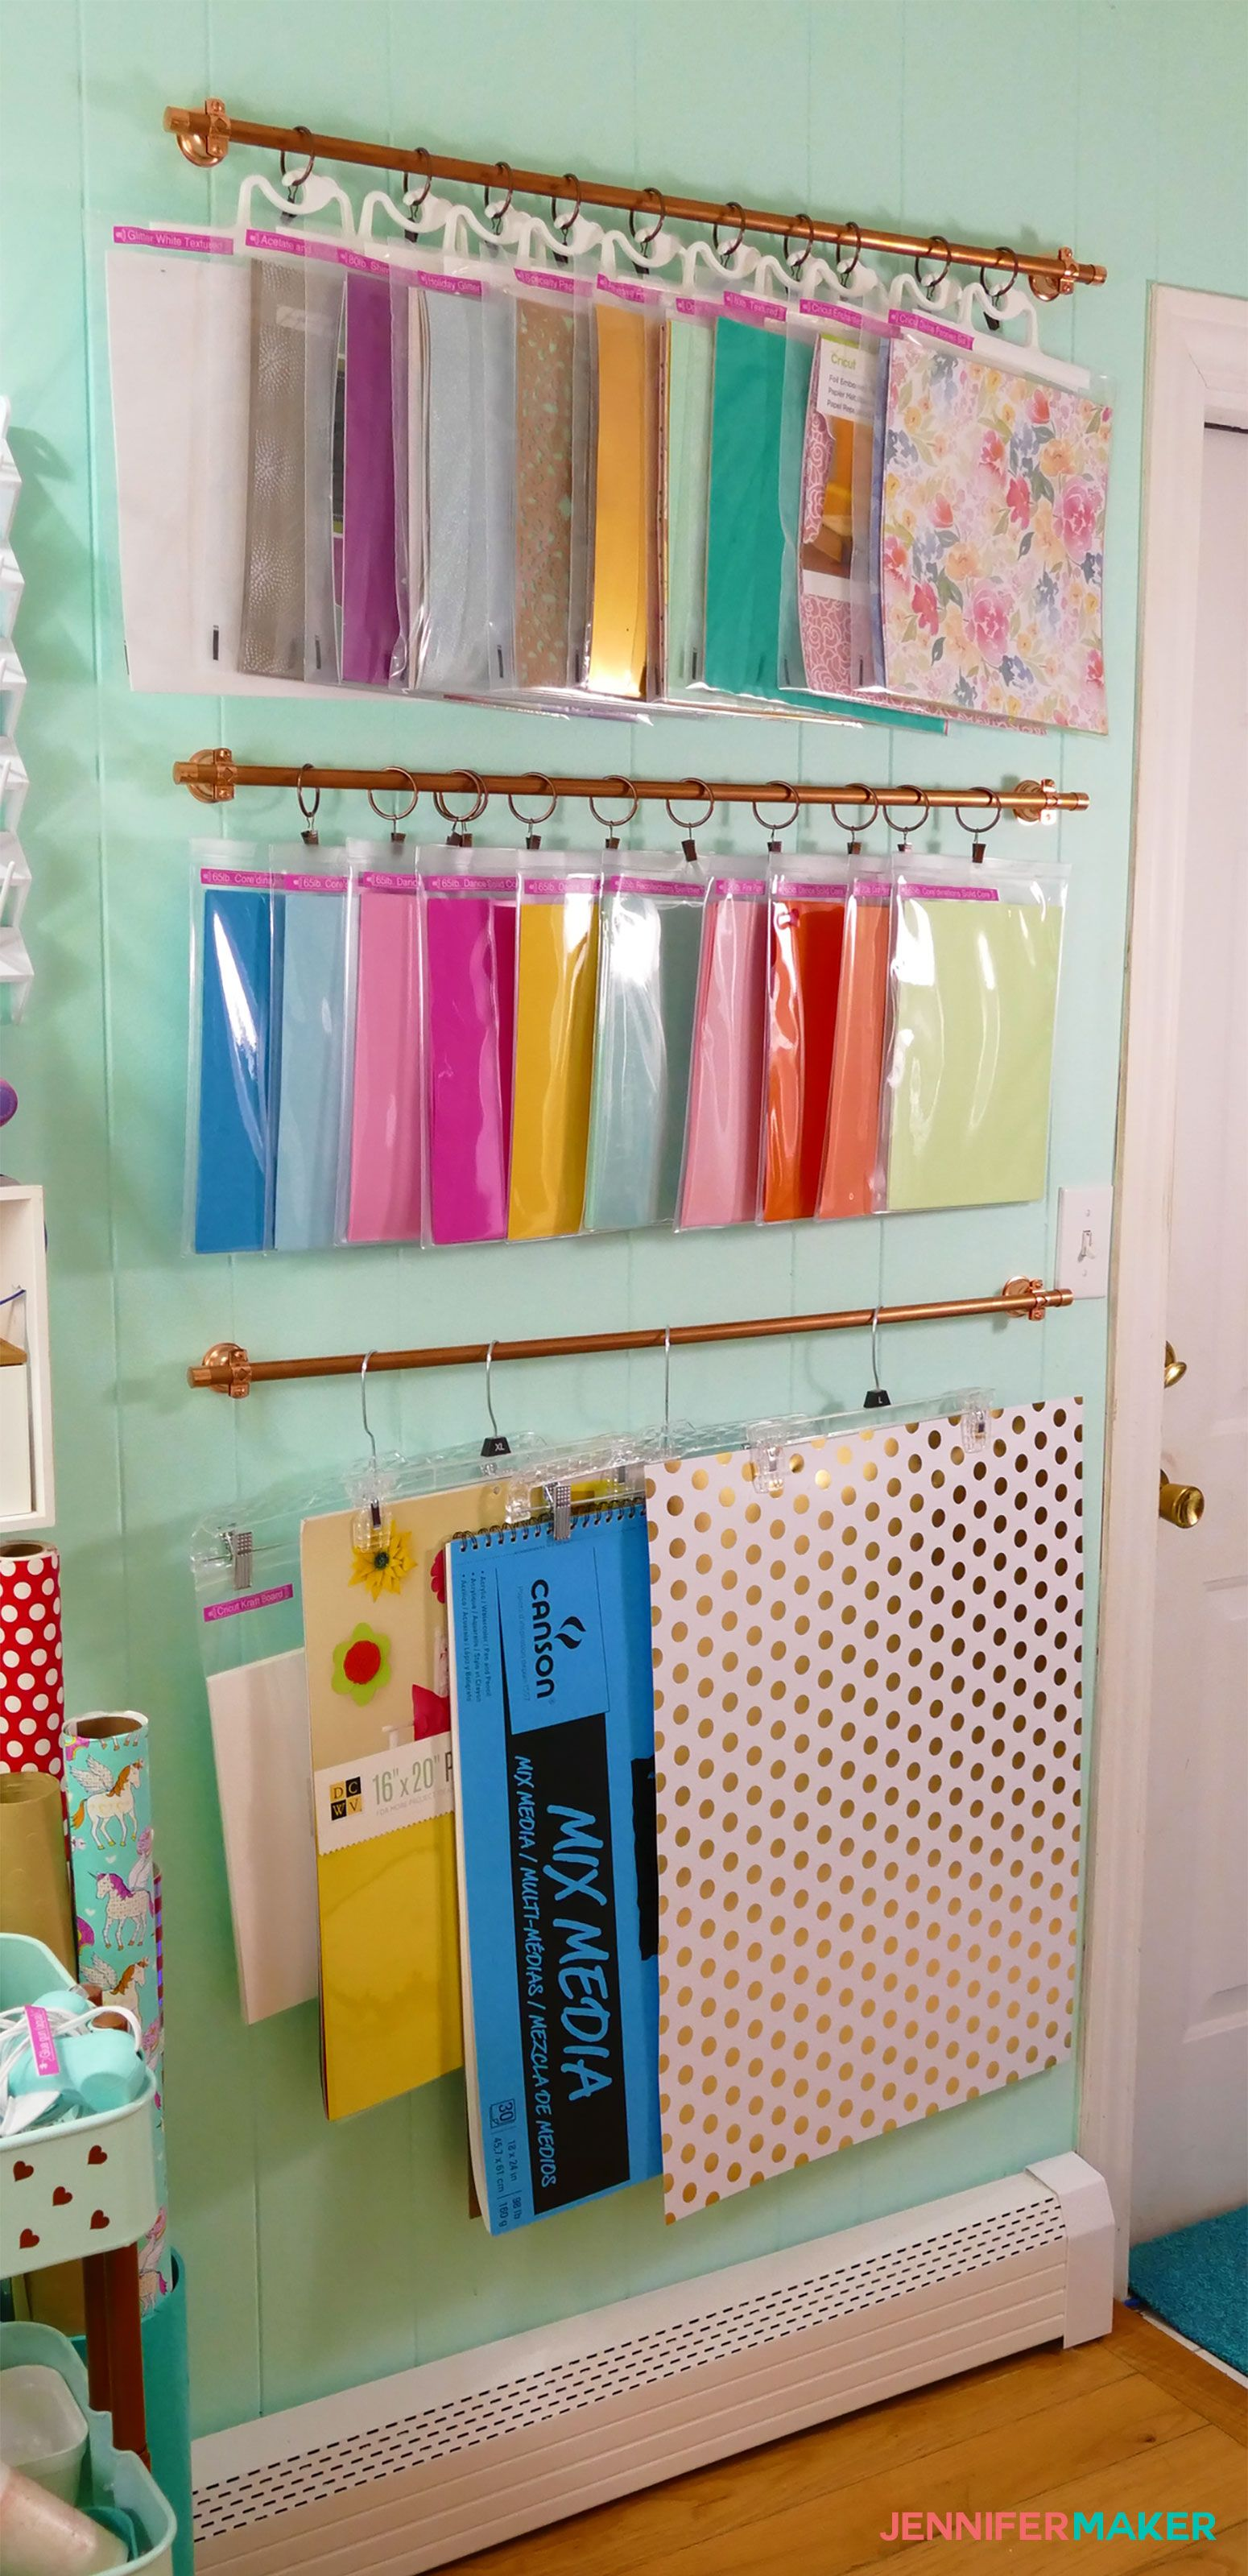 Diy Hanging Storage System For Craft Supplies Jennifer Maker